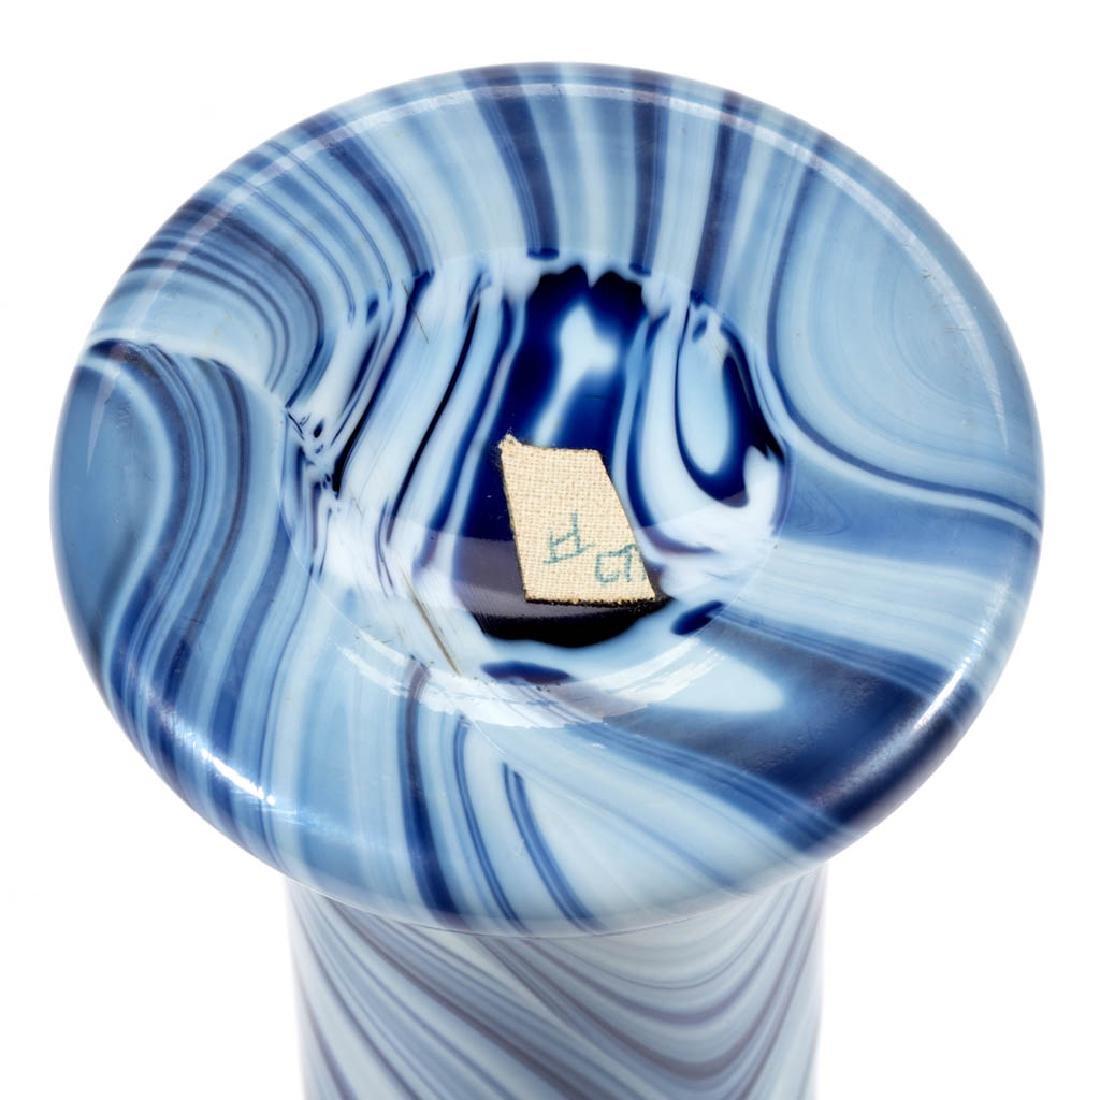 IMPERIAL LEAD LUSTRE MARBLEIZED ART GLASS VASE - 3